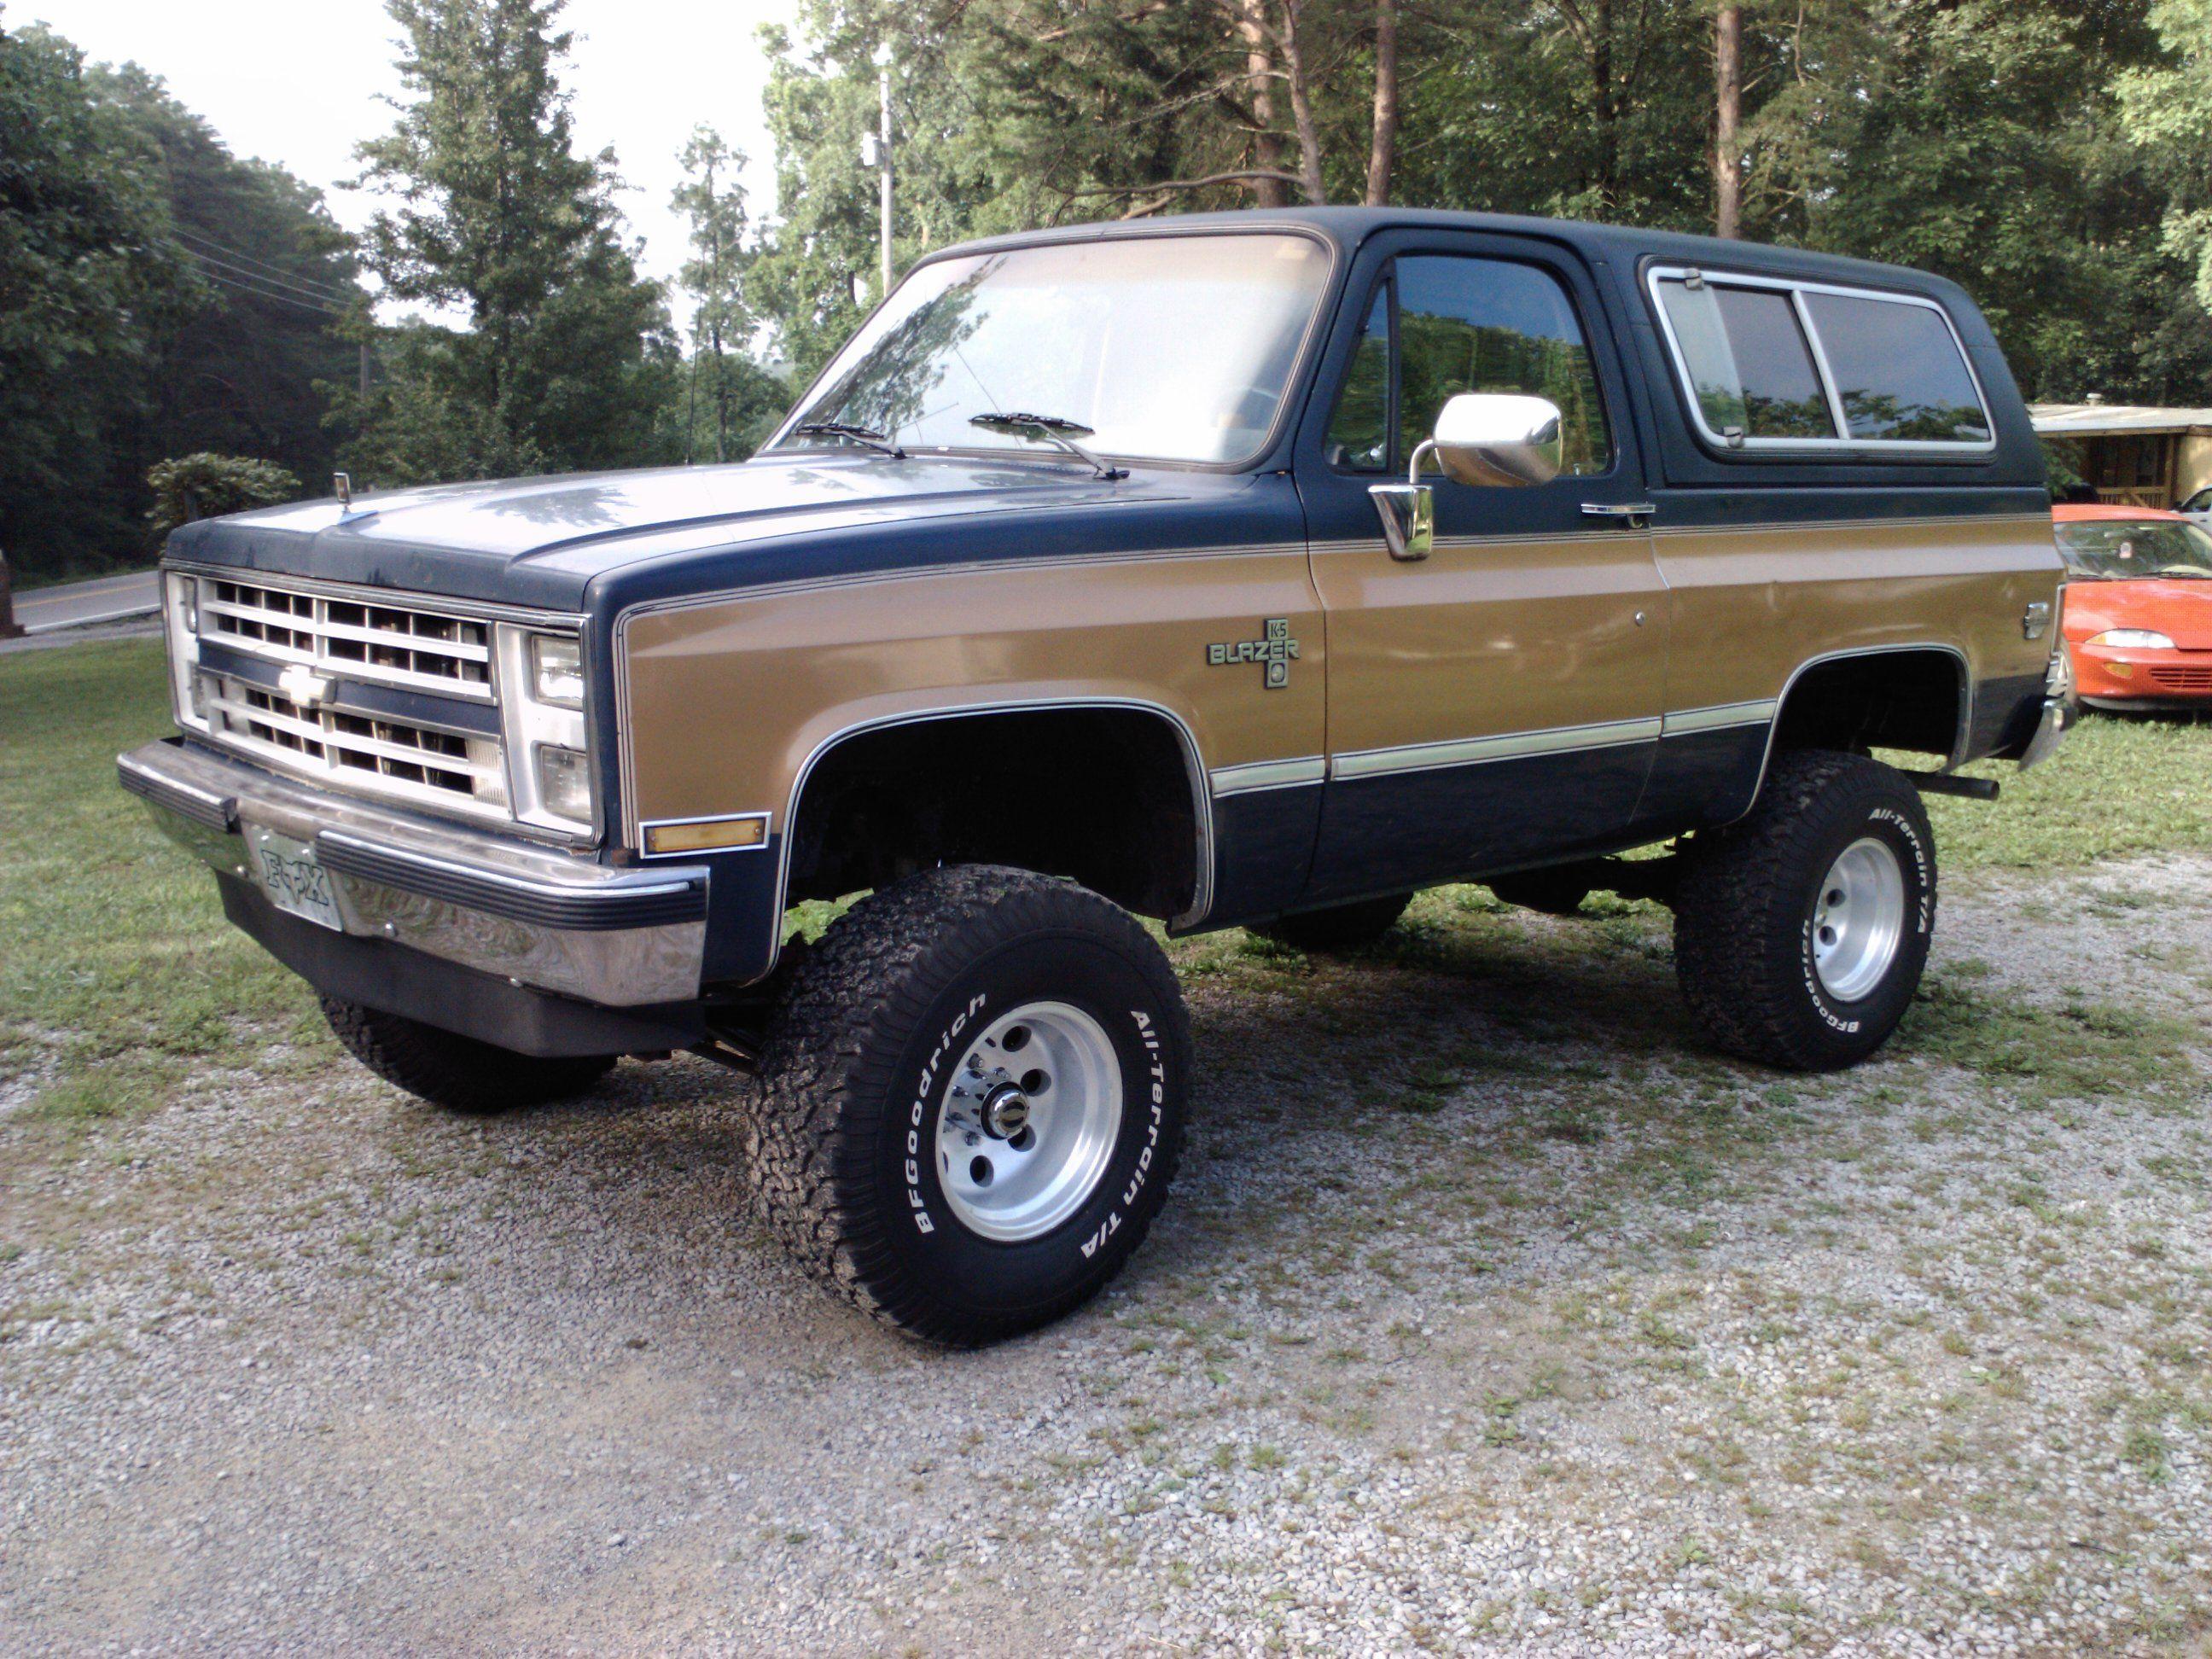 1988 K 5 Blazer Classic Chevy Trucks Chevy Trucks Chevy Blazer K5